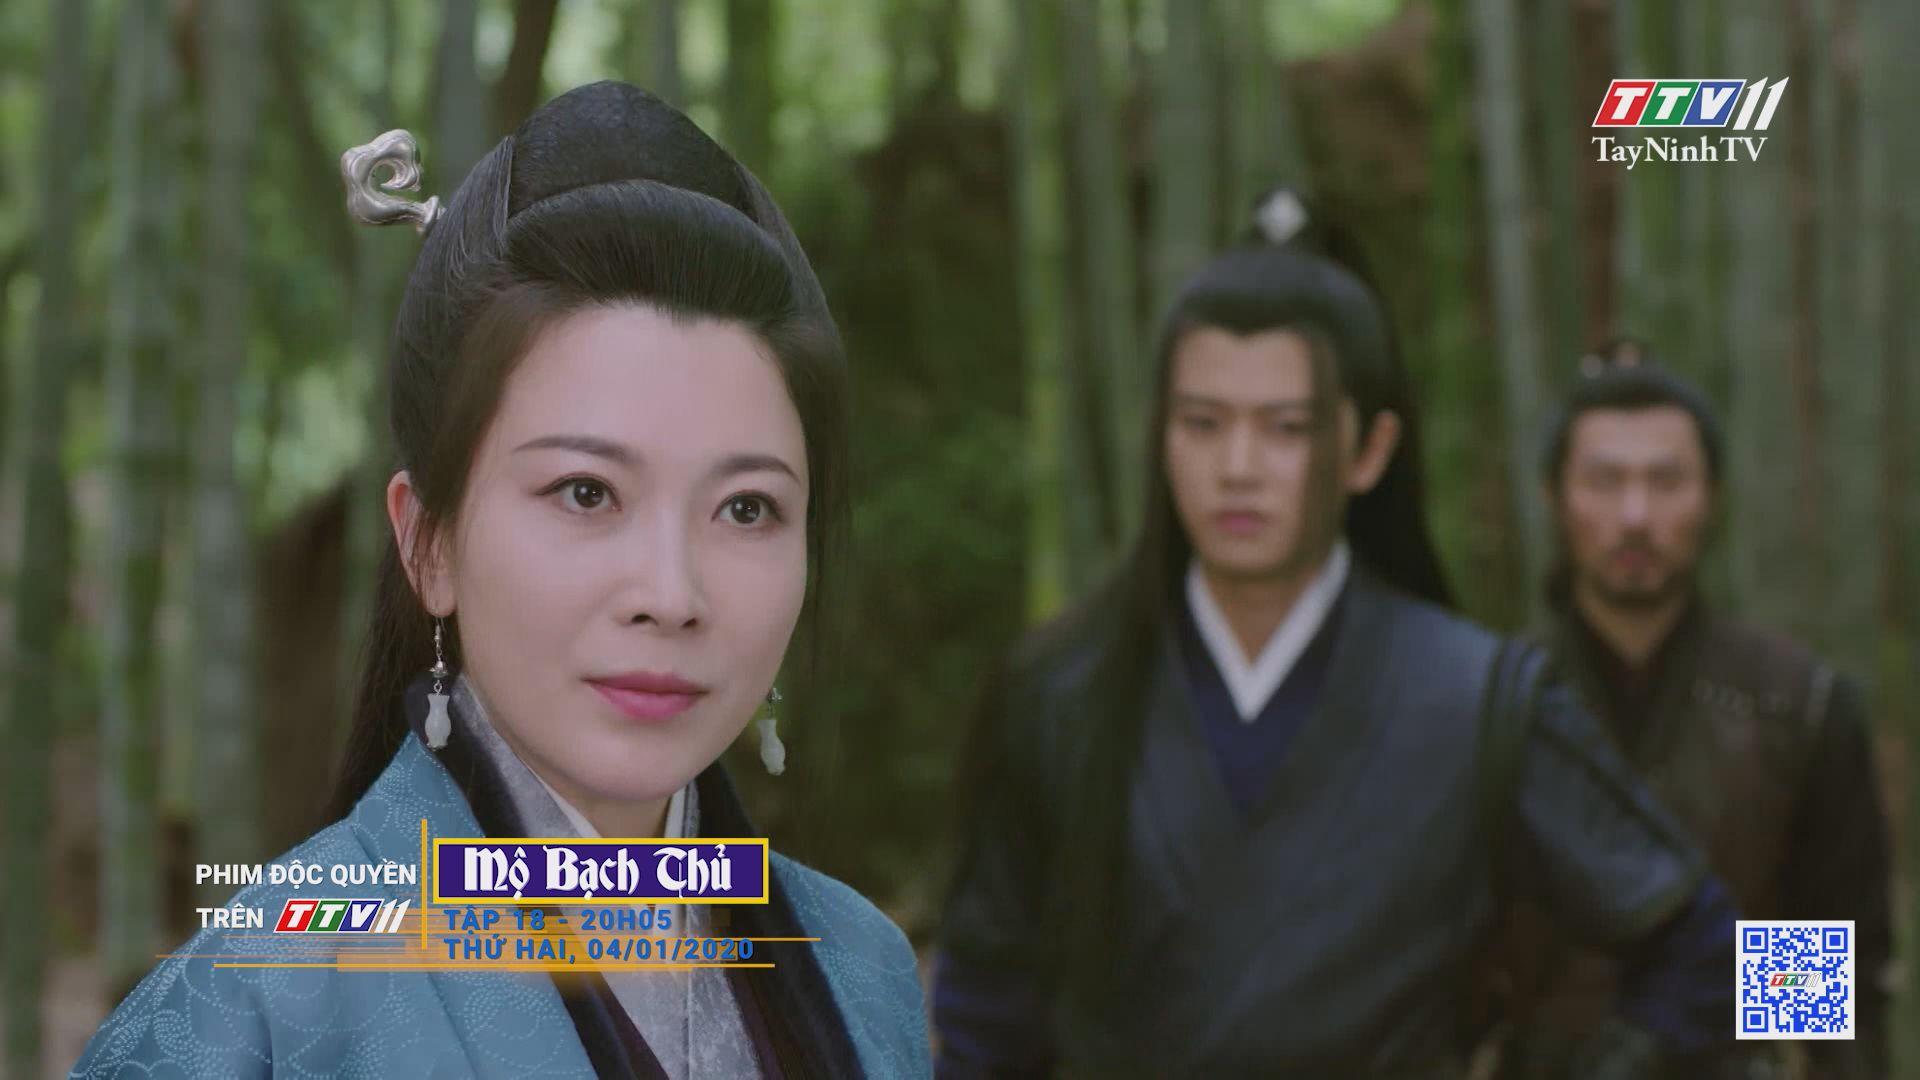 Mộ Bạch Thủ-TẬP 18 trailer | PHIM MỘ BẠCH THỦ | TayNinhTV